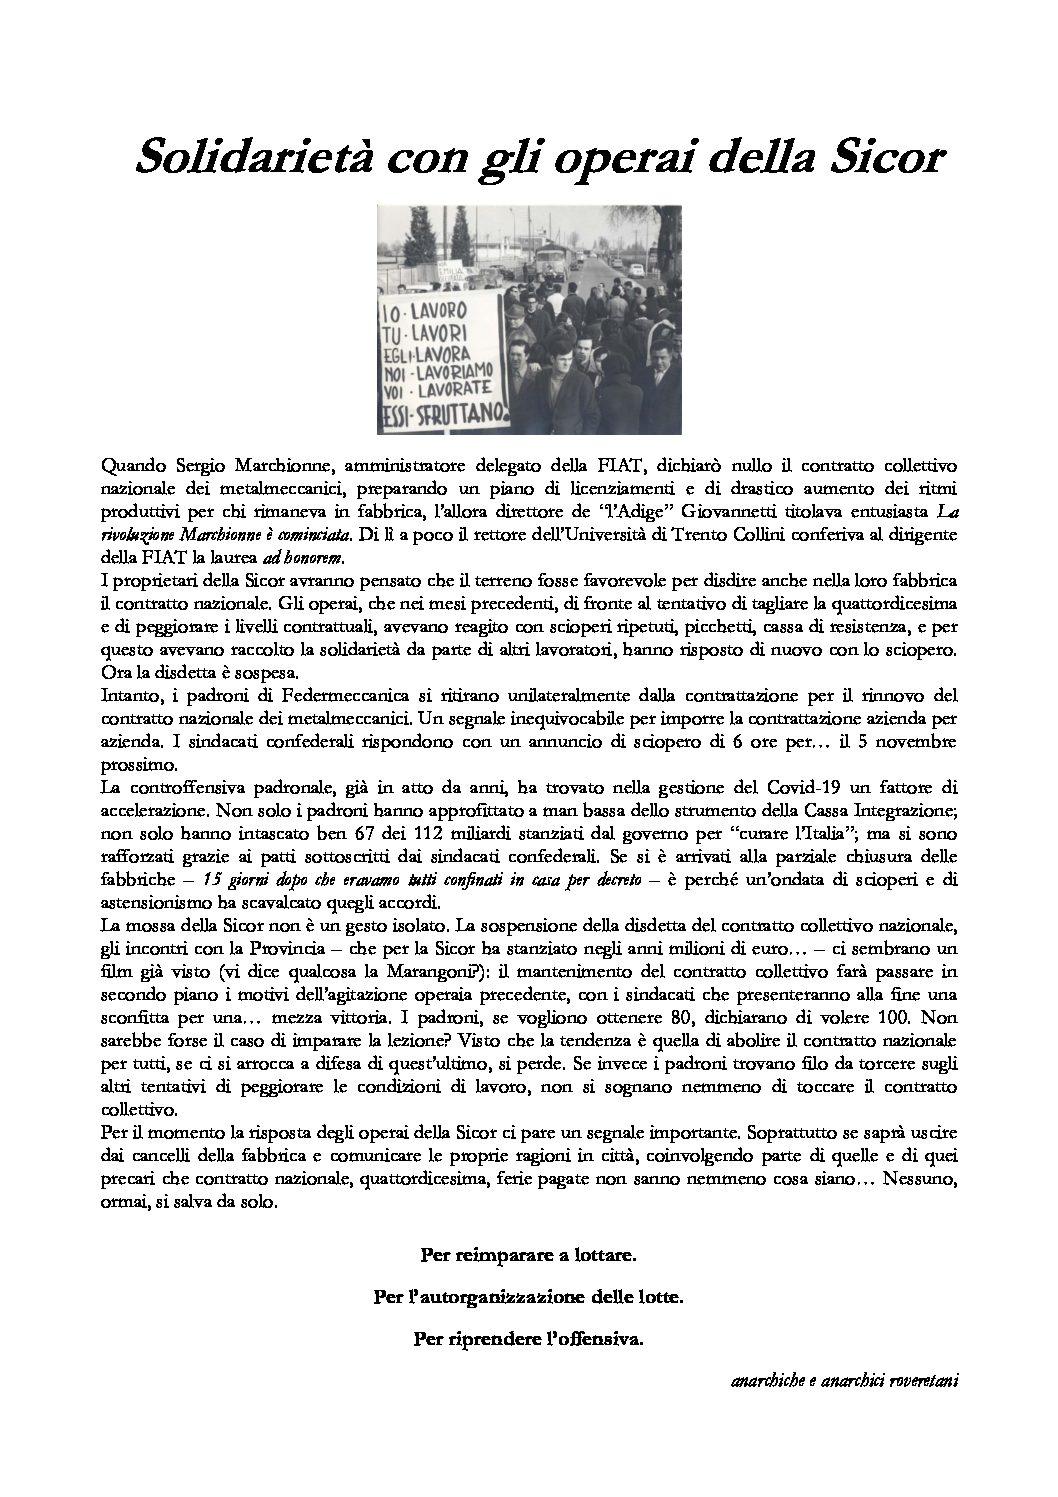 Rovereto: Solidarietà con gli operai della Sicor